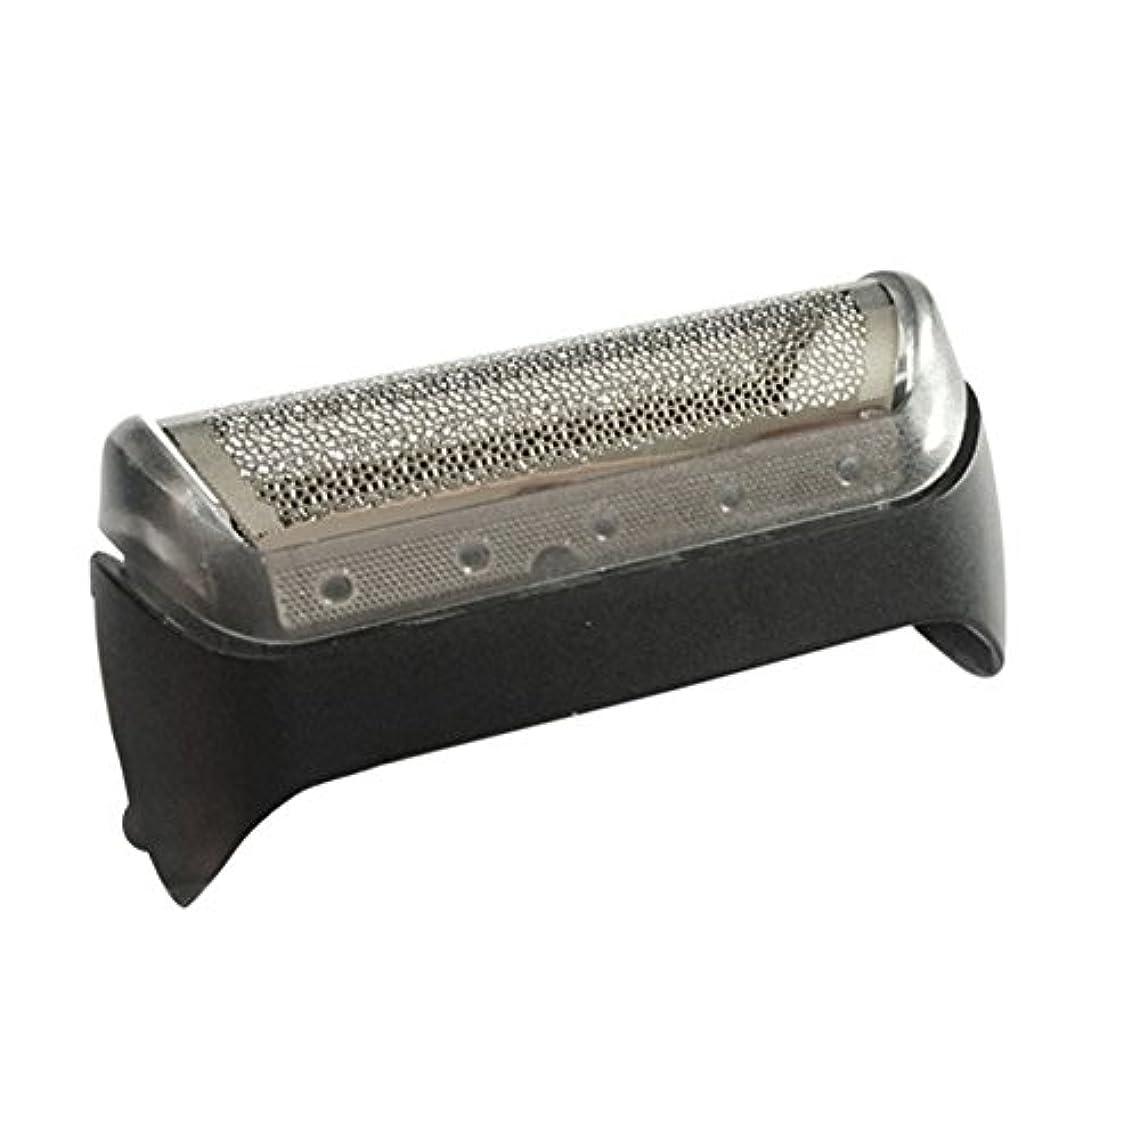 動葡萄知的Xinvision 置換 男性用 シェーバー剃刀箔 10B 20B for Braun 170 180 190 190S 1775 1735 2675